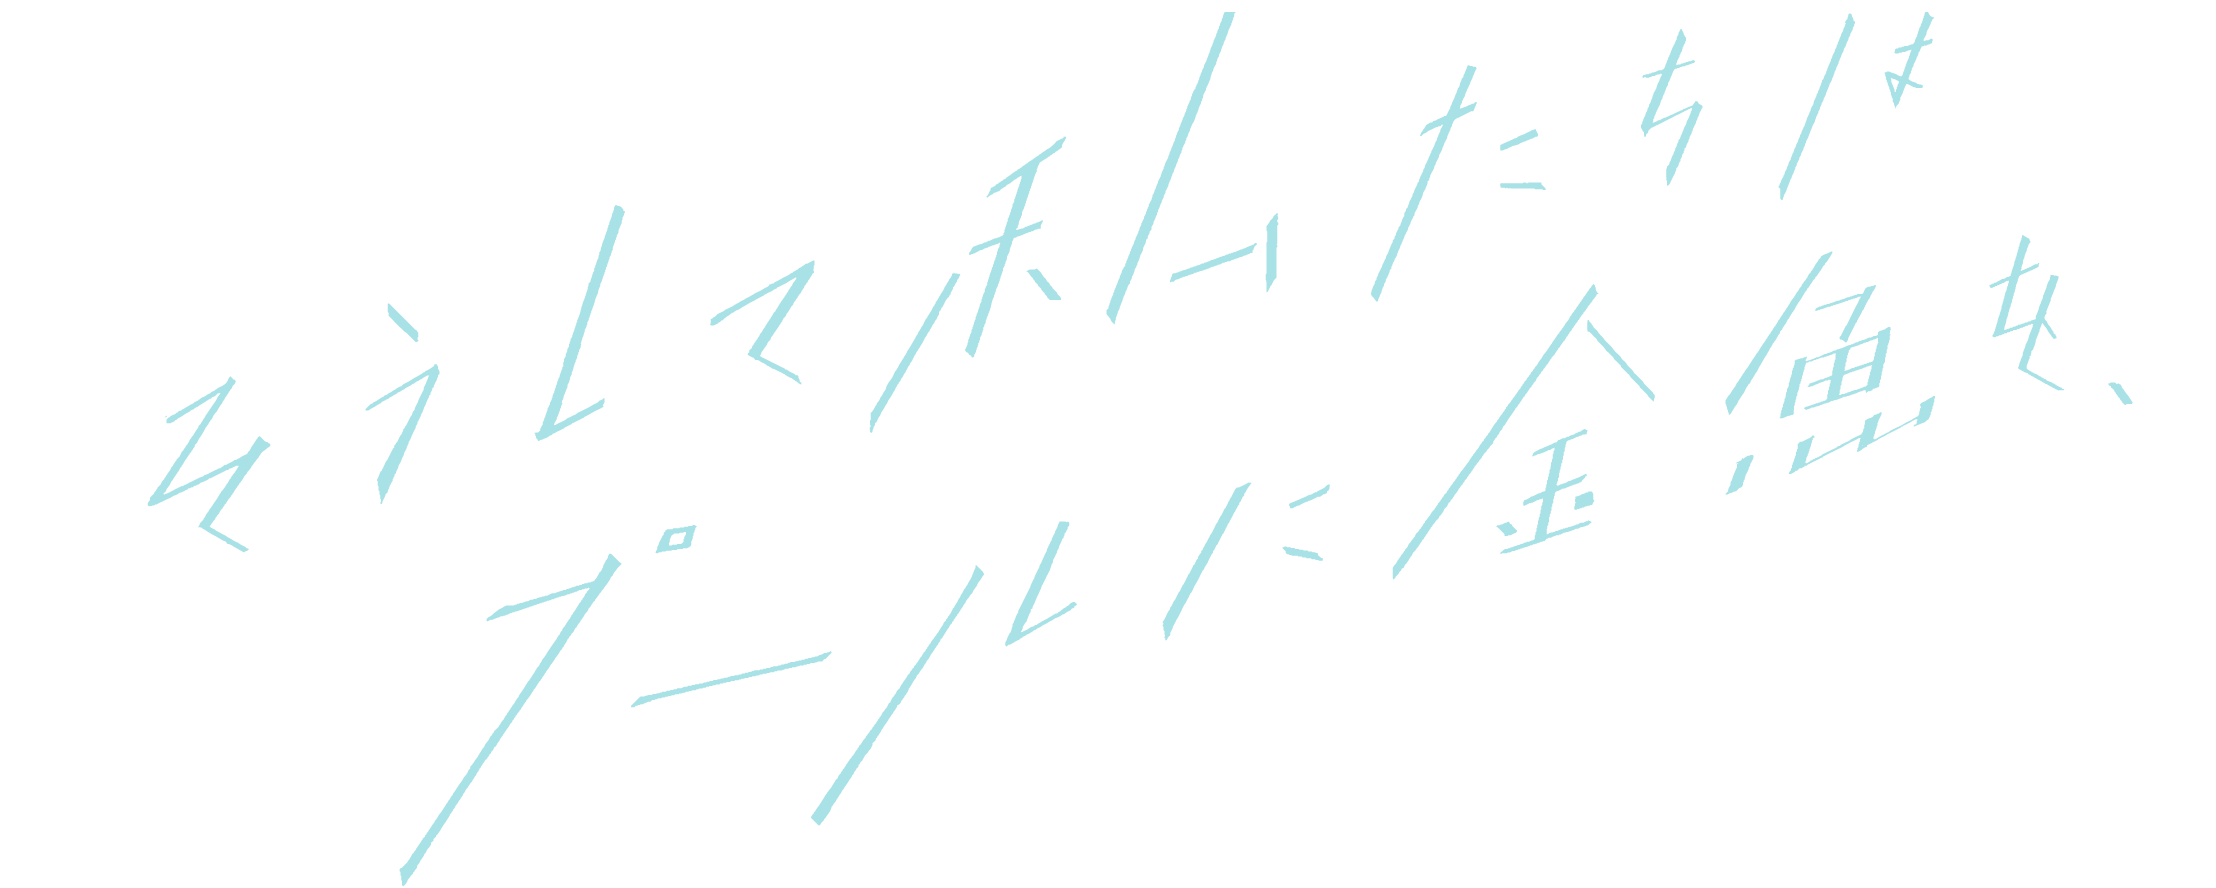 【送料無料】 モルト(ラスティブラウン) ※※ ユニソン オンライン モダン デザイン 郵便ポスト 郵便受け 新築 祝い 戸建て リフォーム ※※:郵便受けポスト表札ファミリー庭園 伝統的でシックなフォルムの郵便ポスト